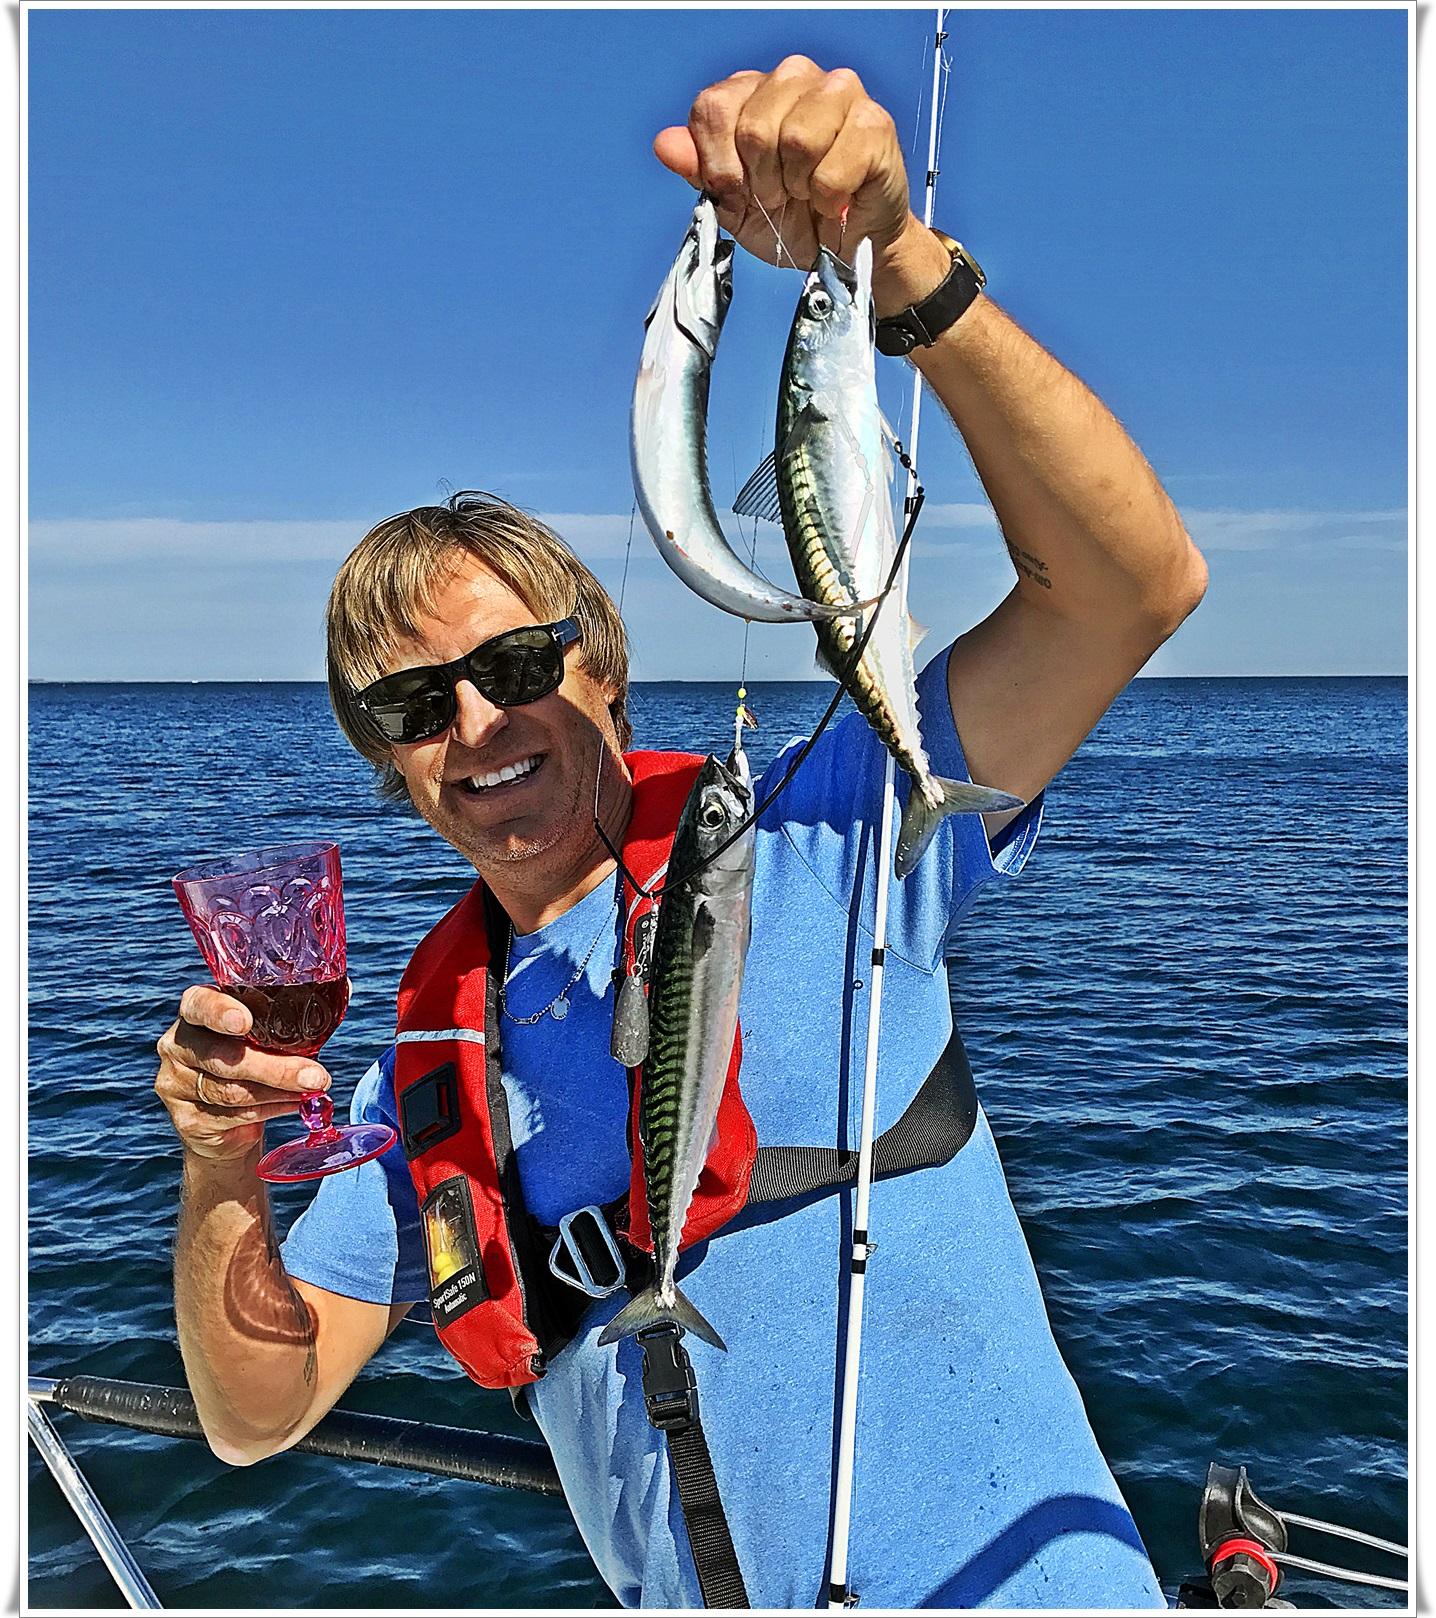 makrellen har for alvor inntatt sjøen